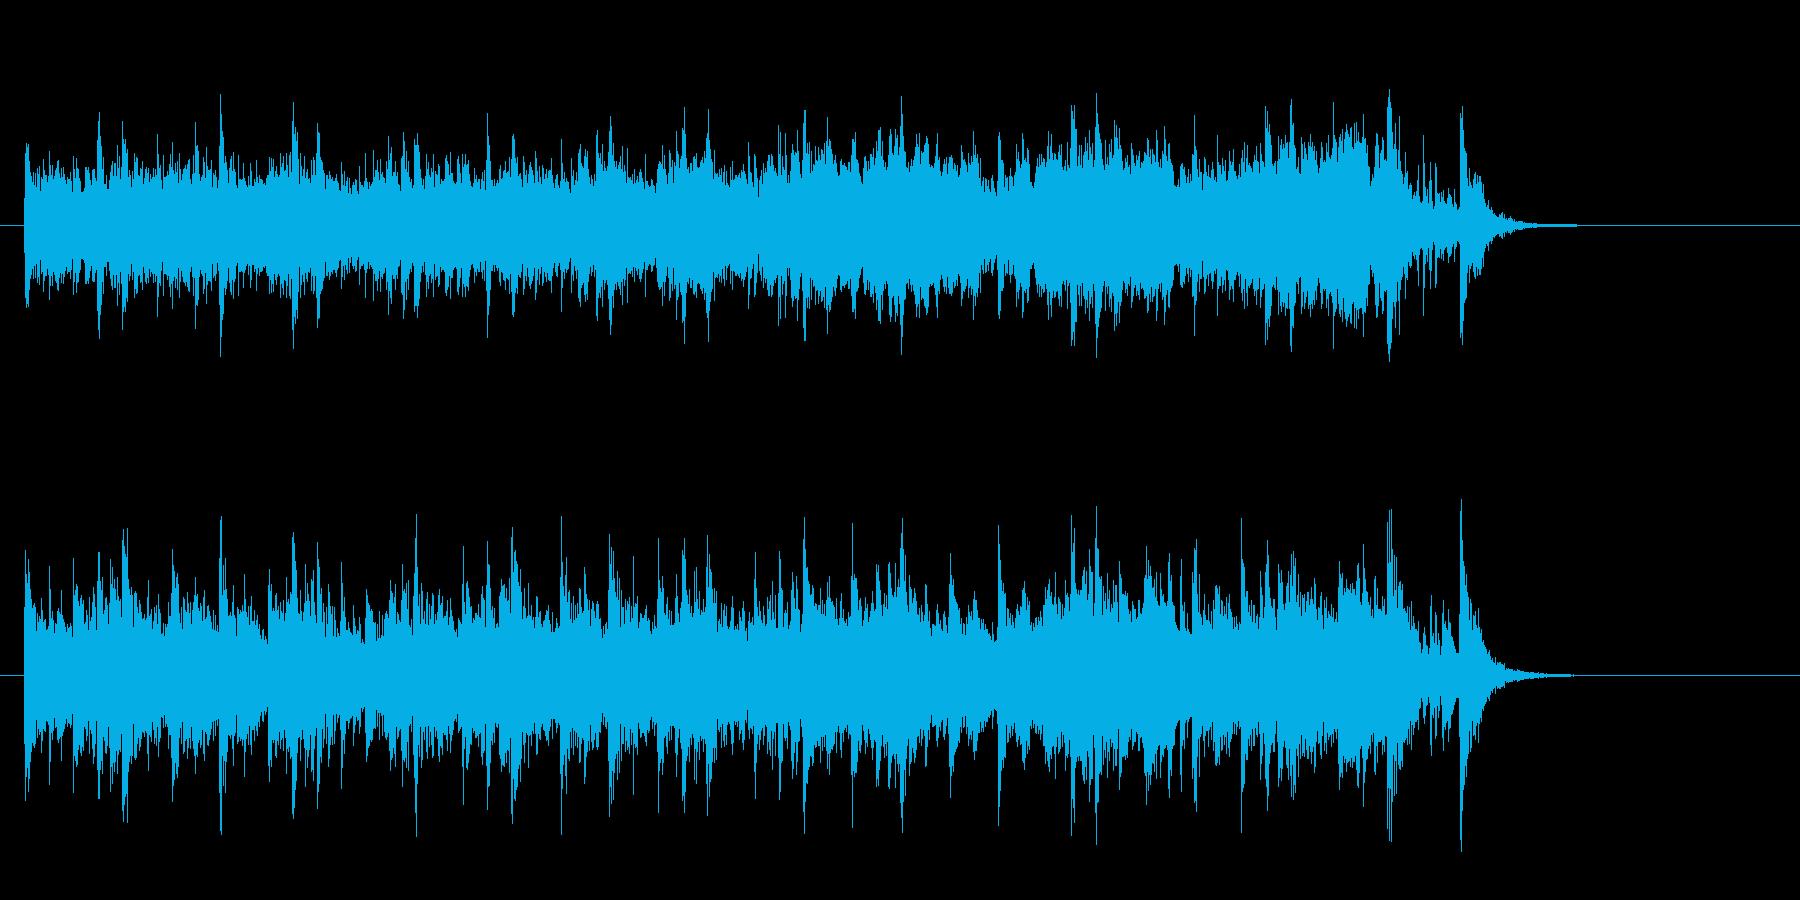 素朴なフォークポップス(イントロ~サビ)の再生済みの波形